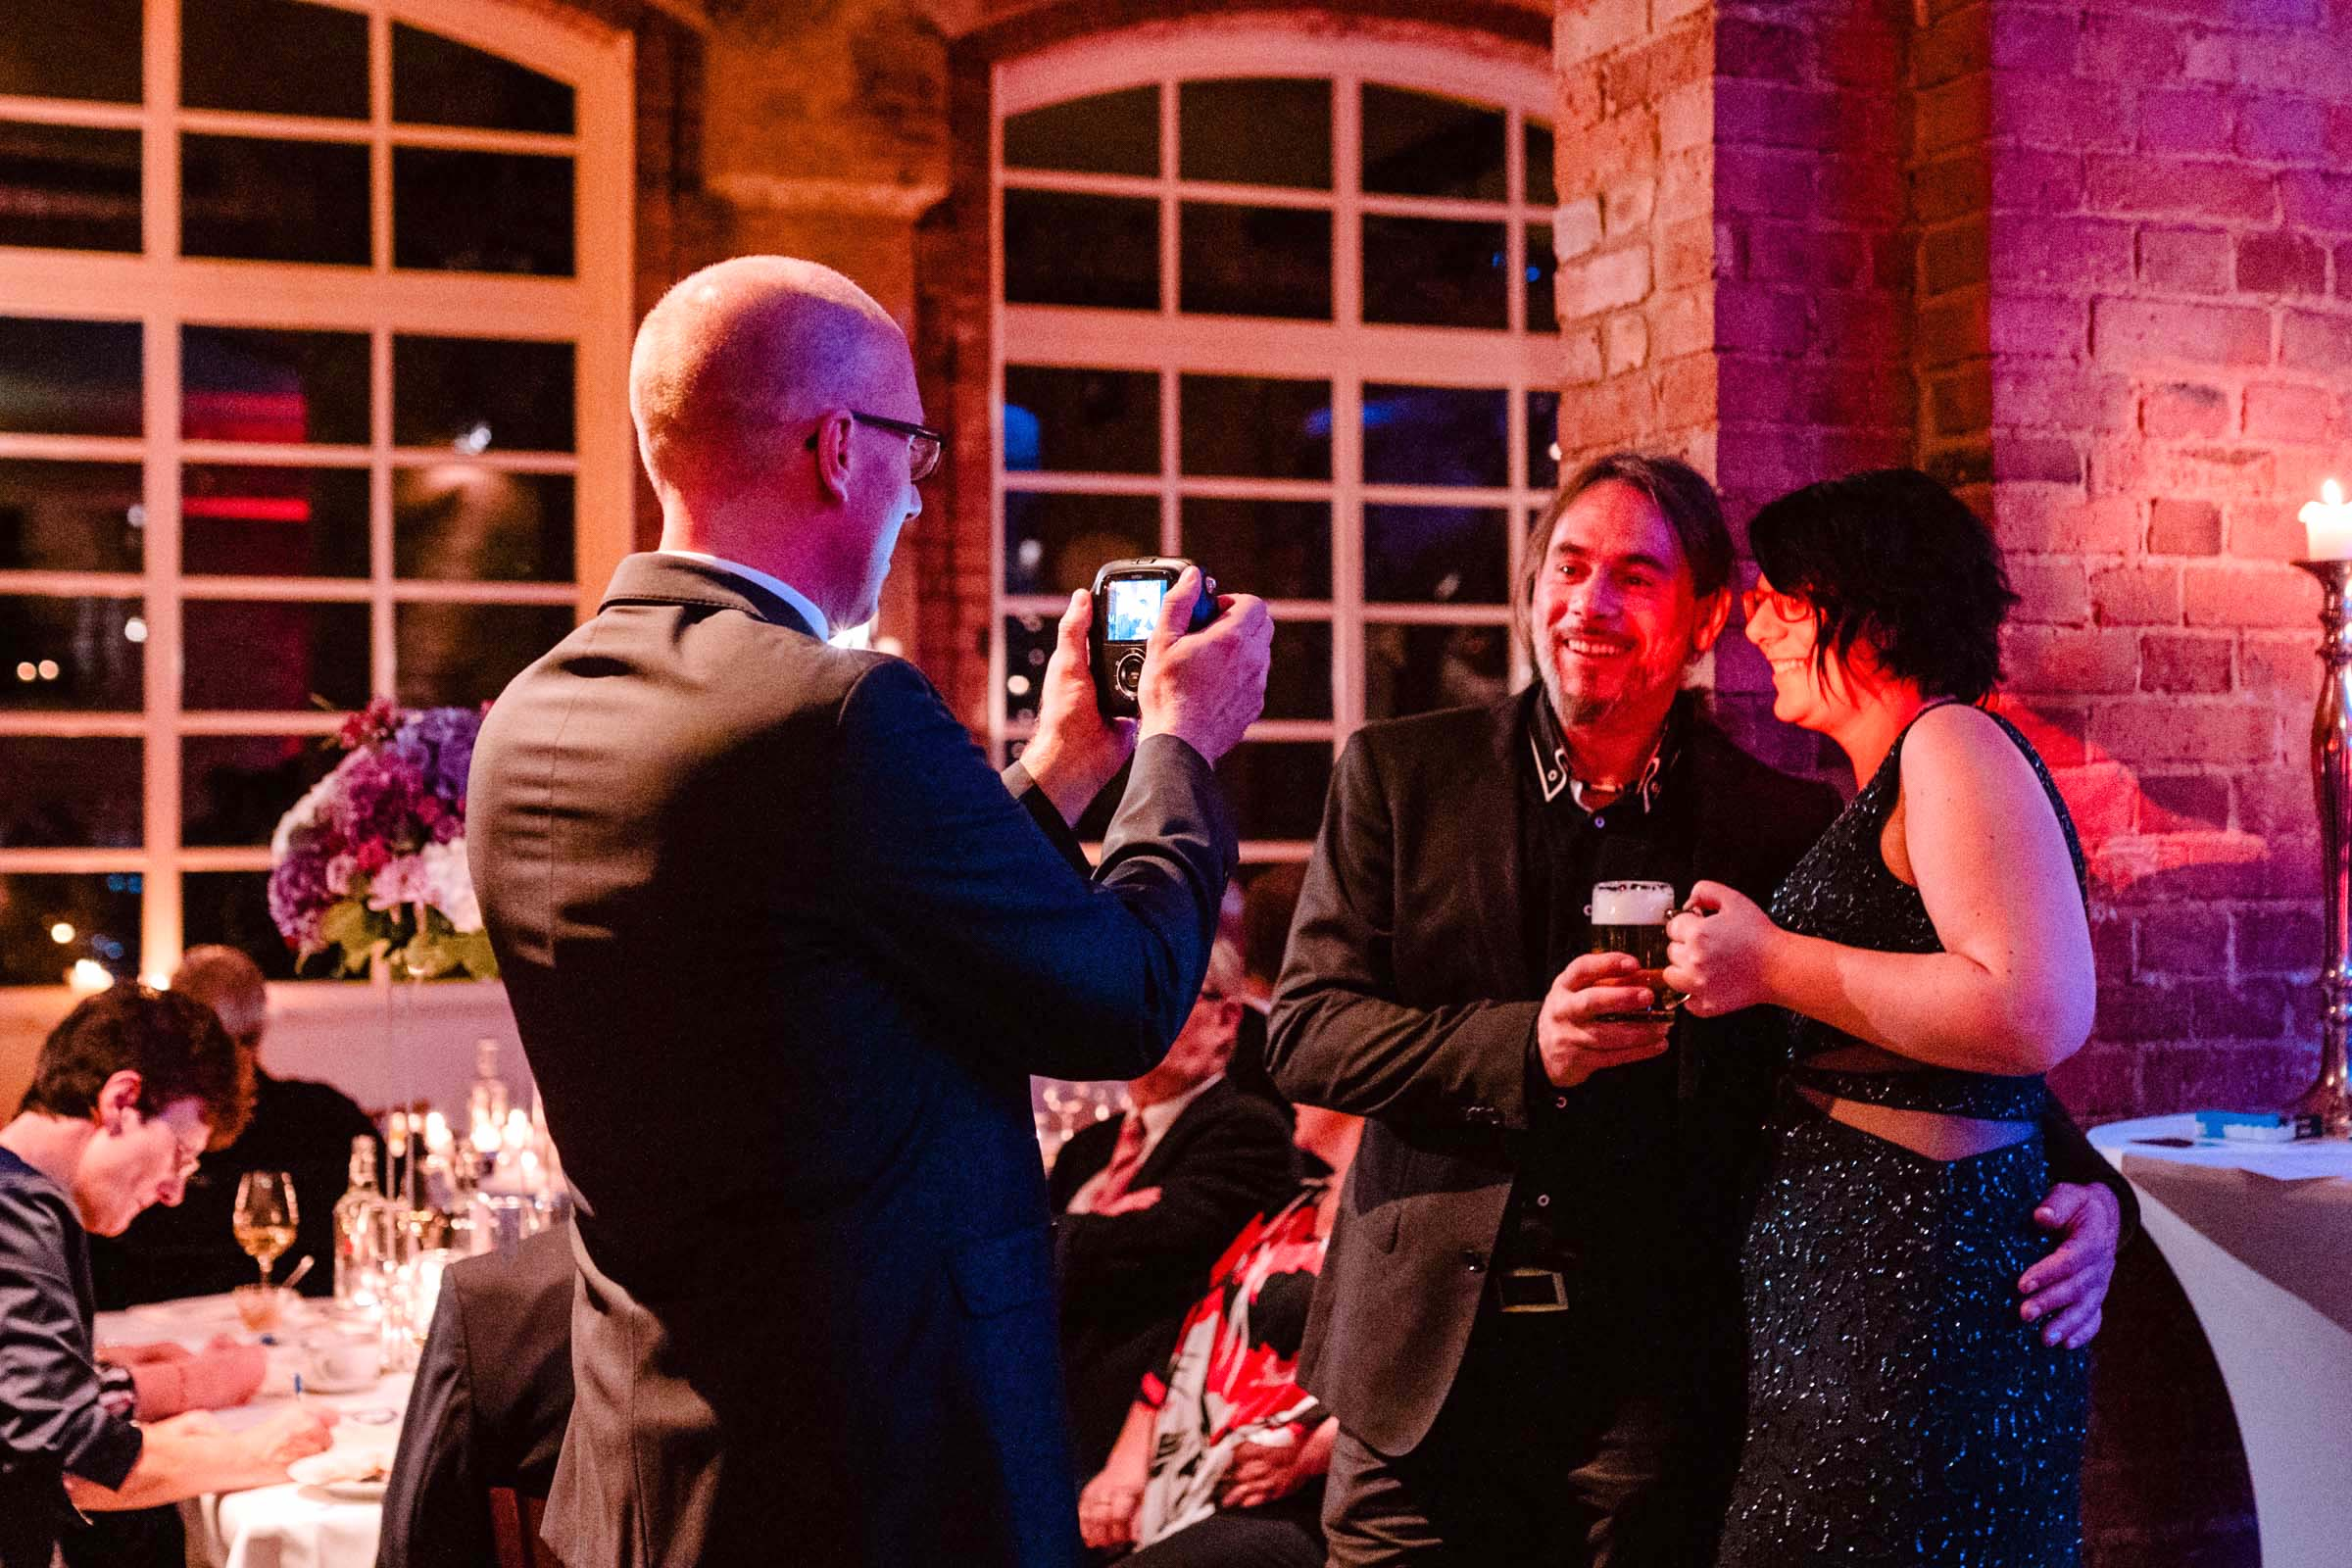 Polaroid | Koffer | Bilder | Mieten | Instax | Hochzeit | Wedding | Event | Hannover | Versand | Sofortbild